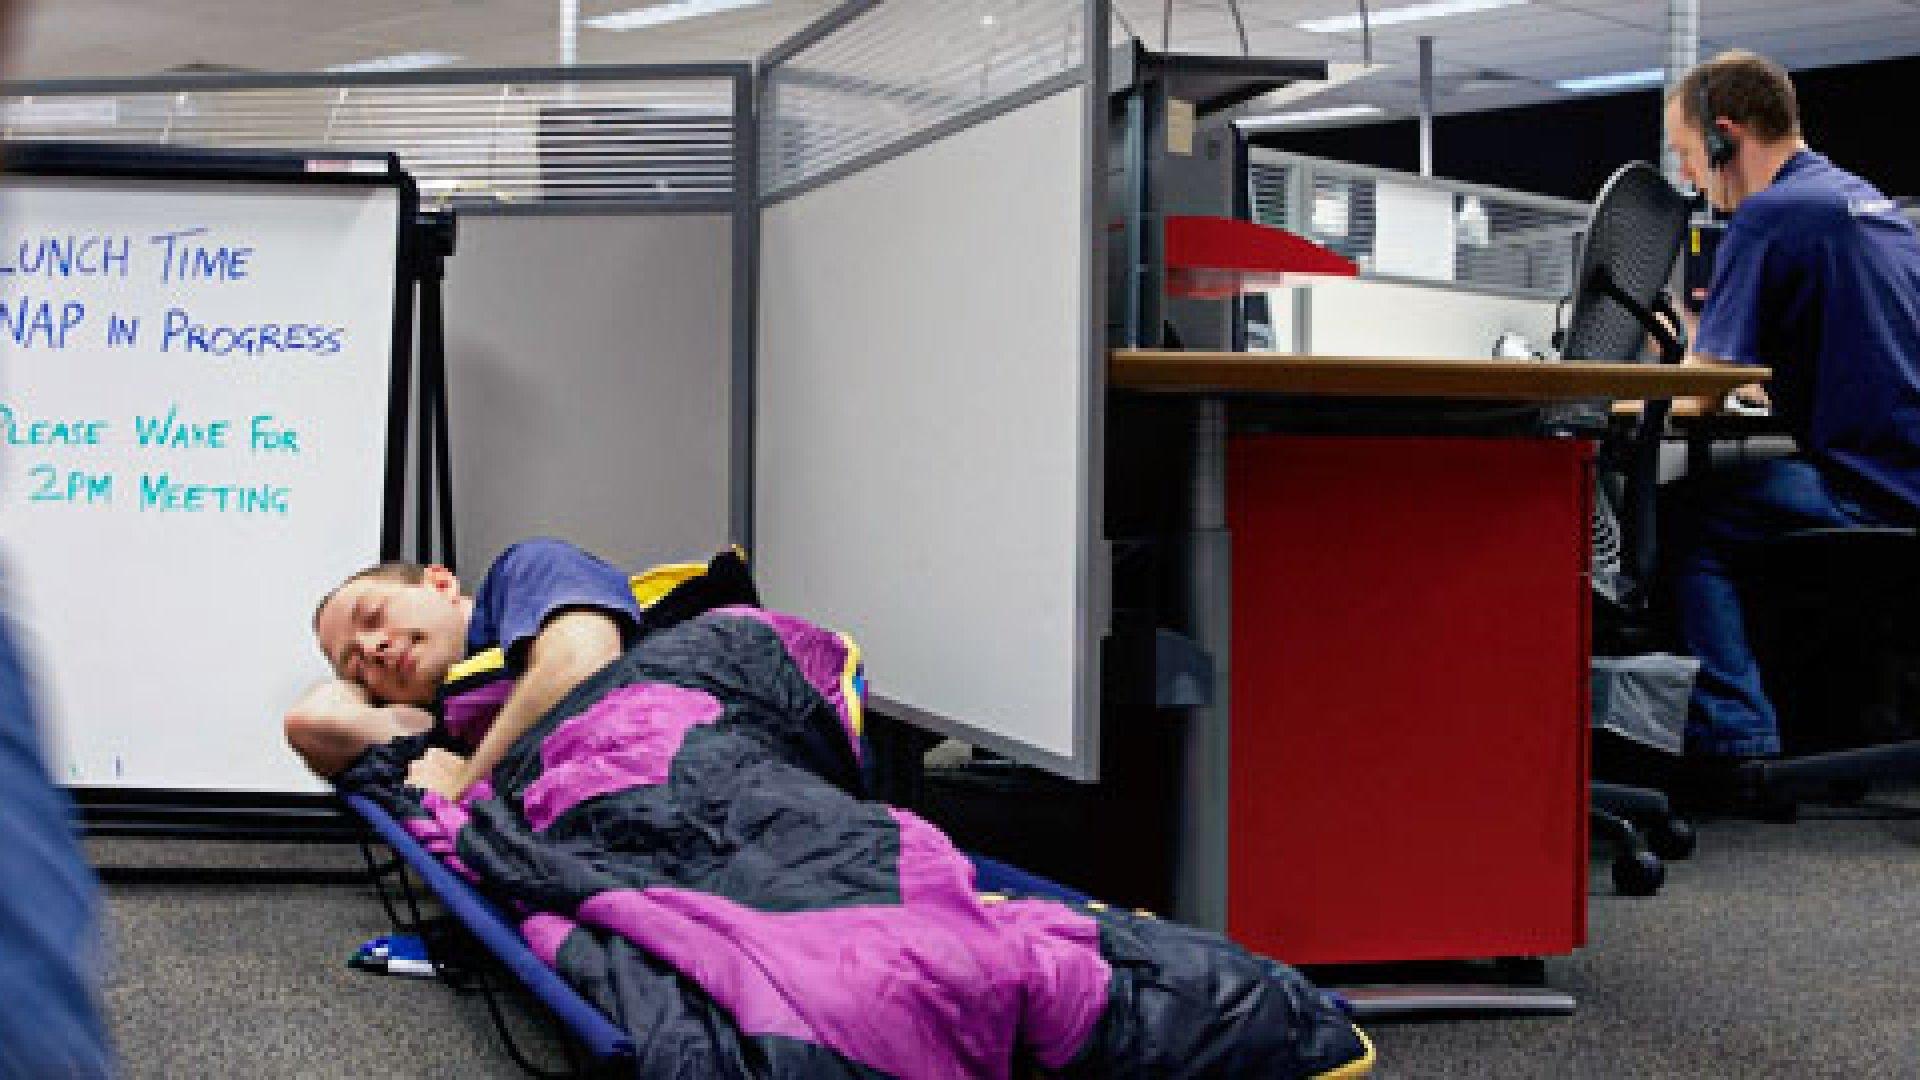 Sleep Deprived? Take a Nap at Work